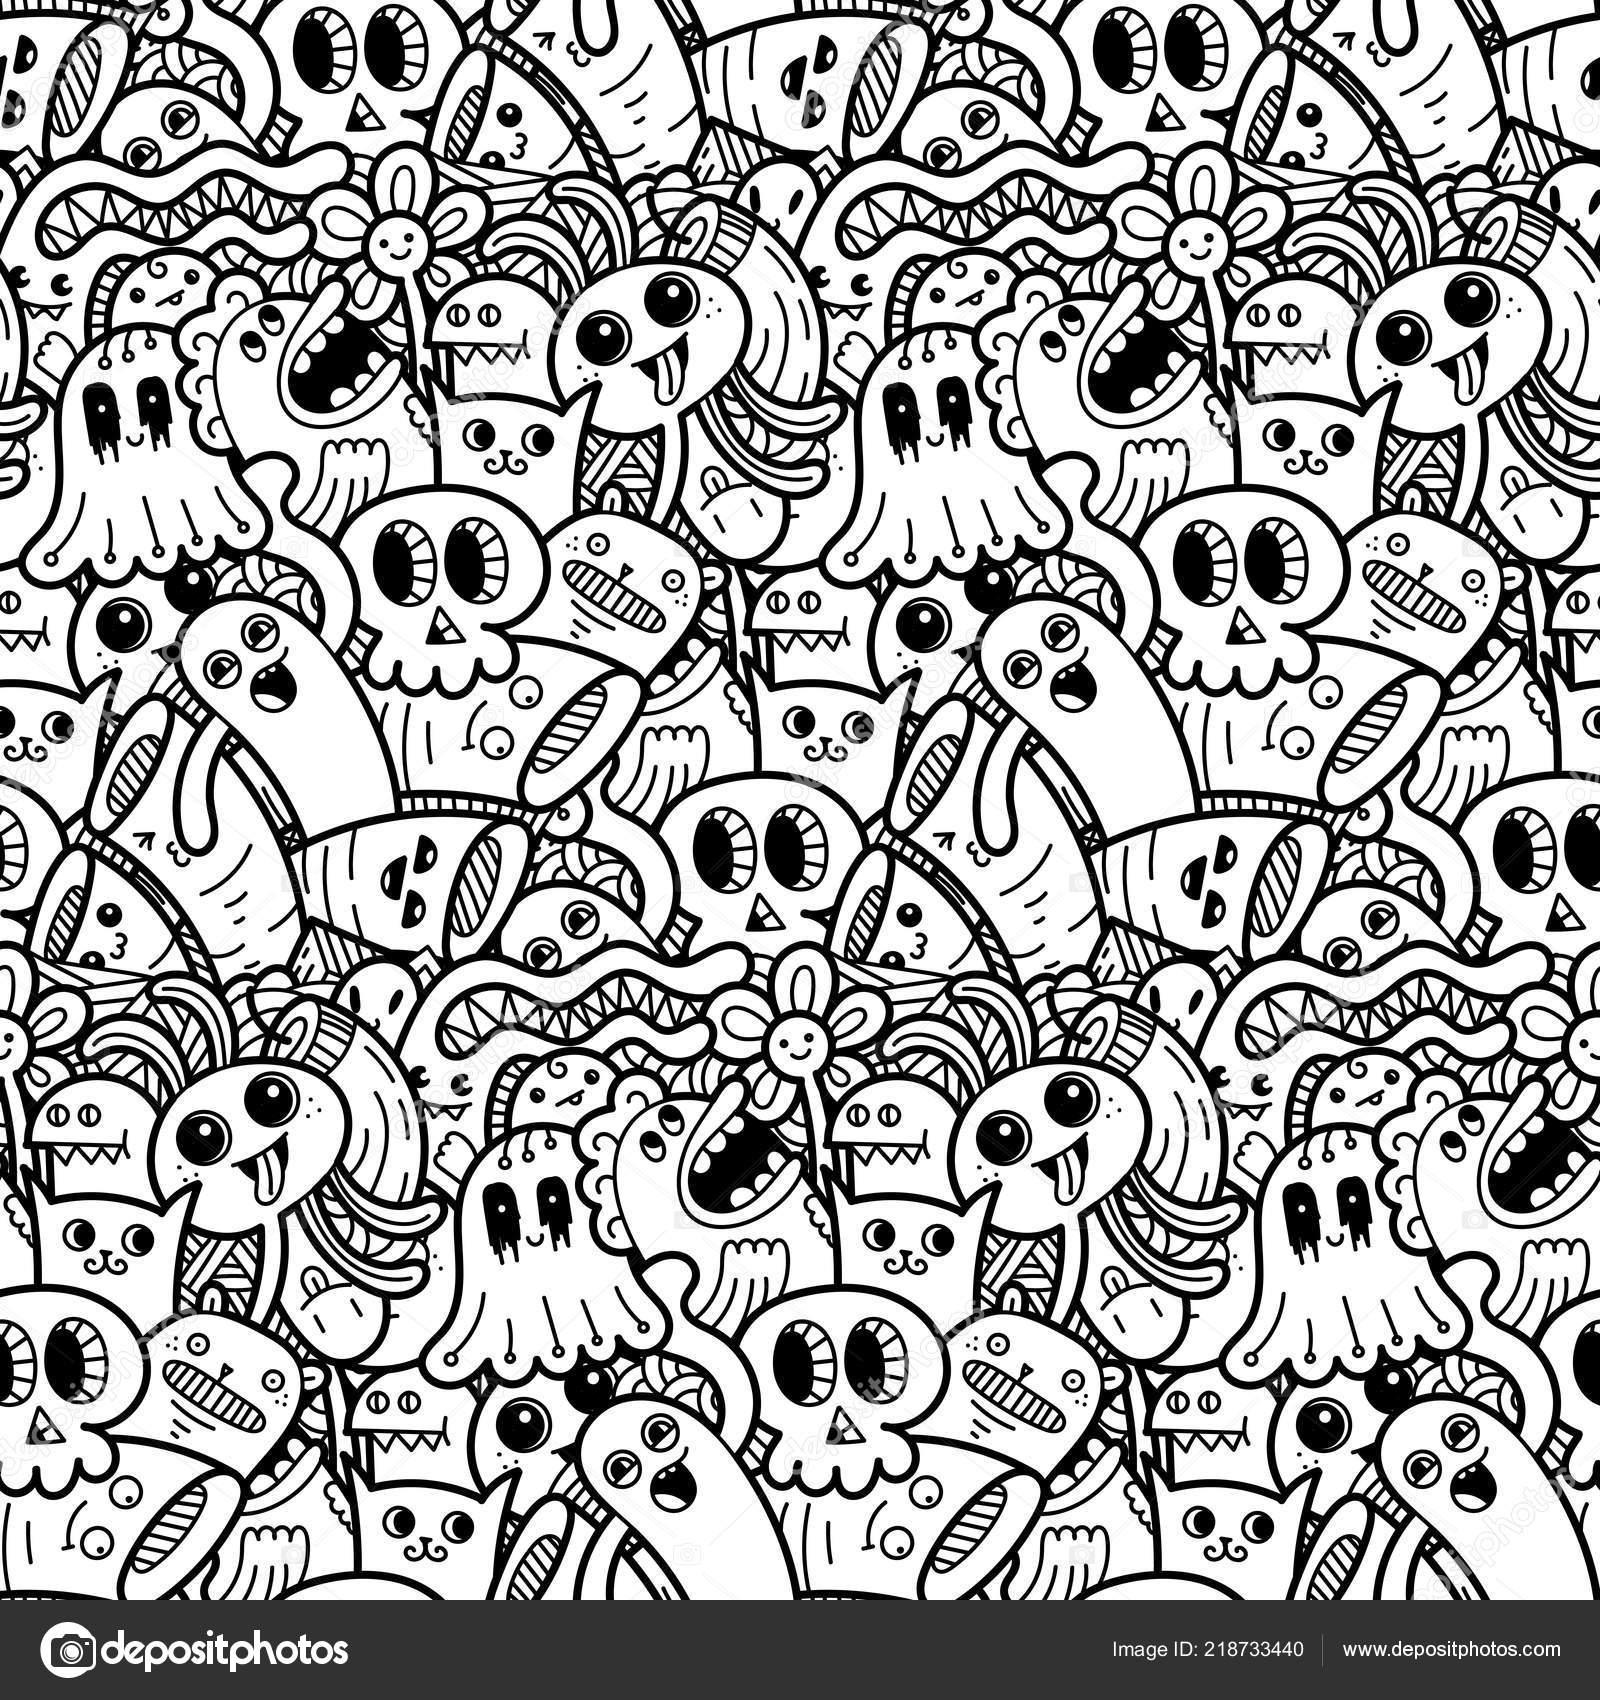 Coloriage Mandala Monstre.Drole De Doodle Motif Sans Soudure De Monstres D Estampes